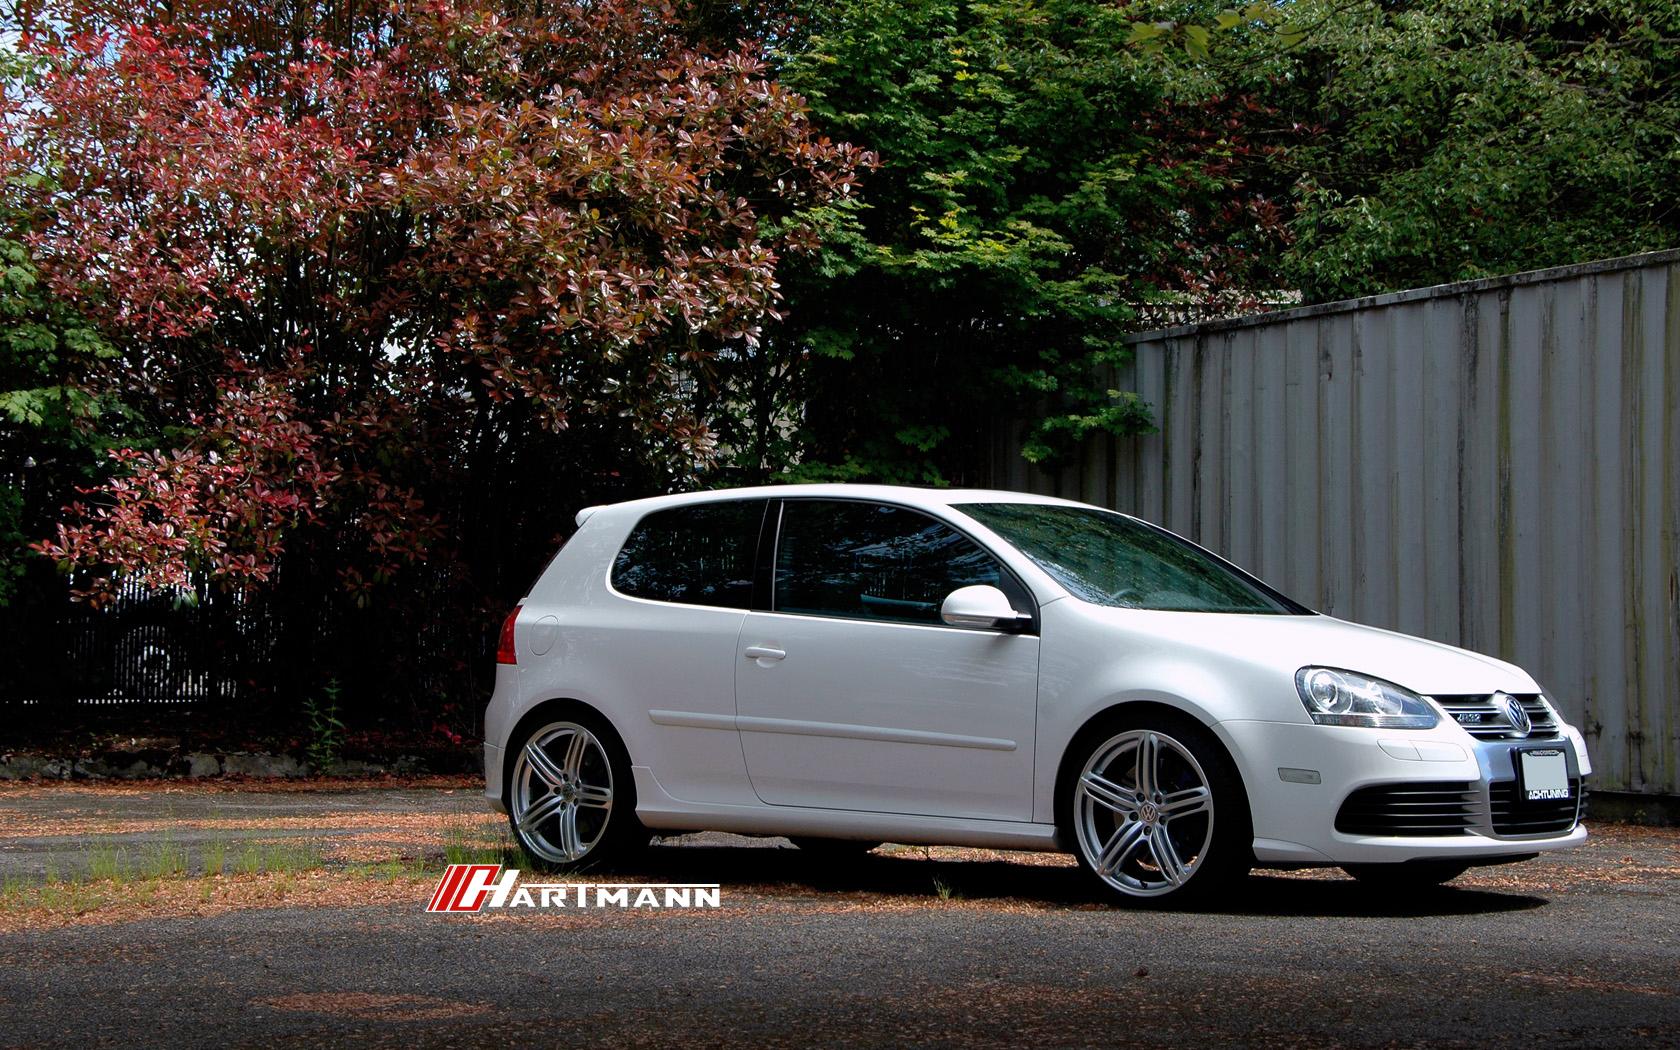 Volkswagen mkv r32 hartmann wheels hrs6 204 gs 19 ww1 hwm